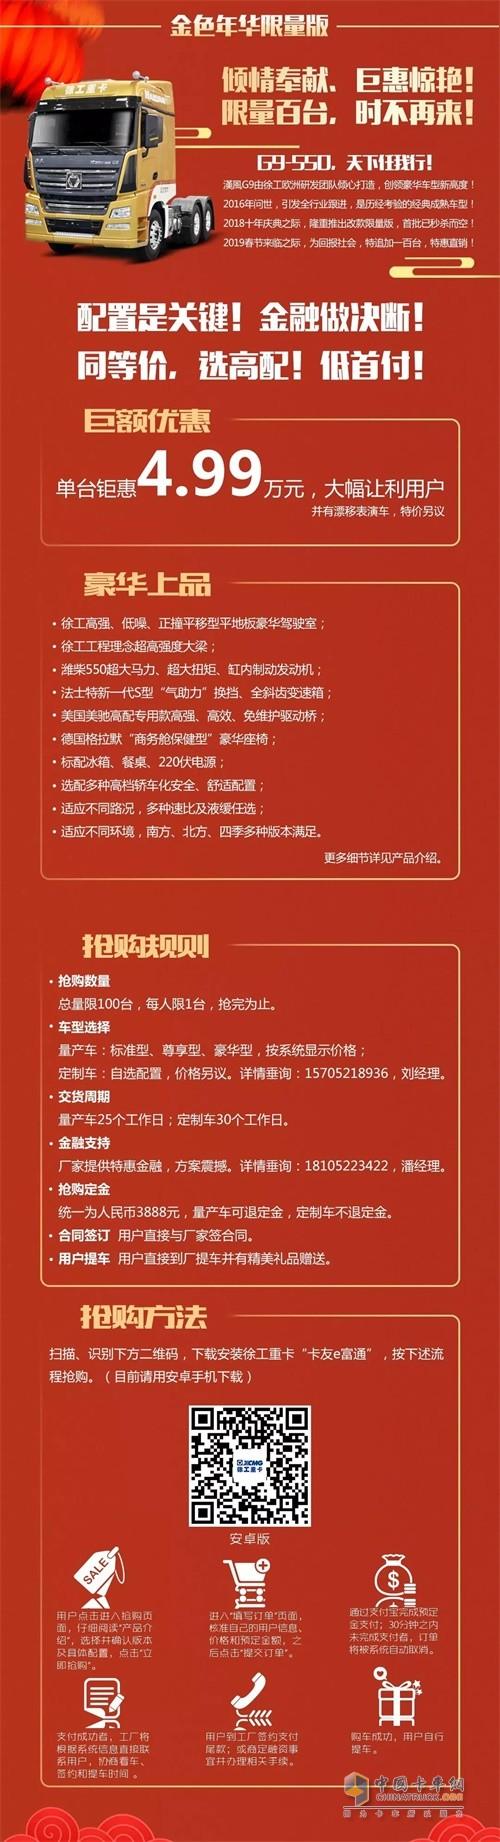 徐工漢風G9限量版抢购流程